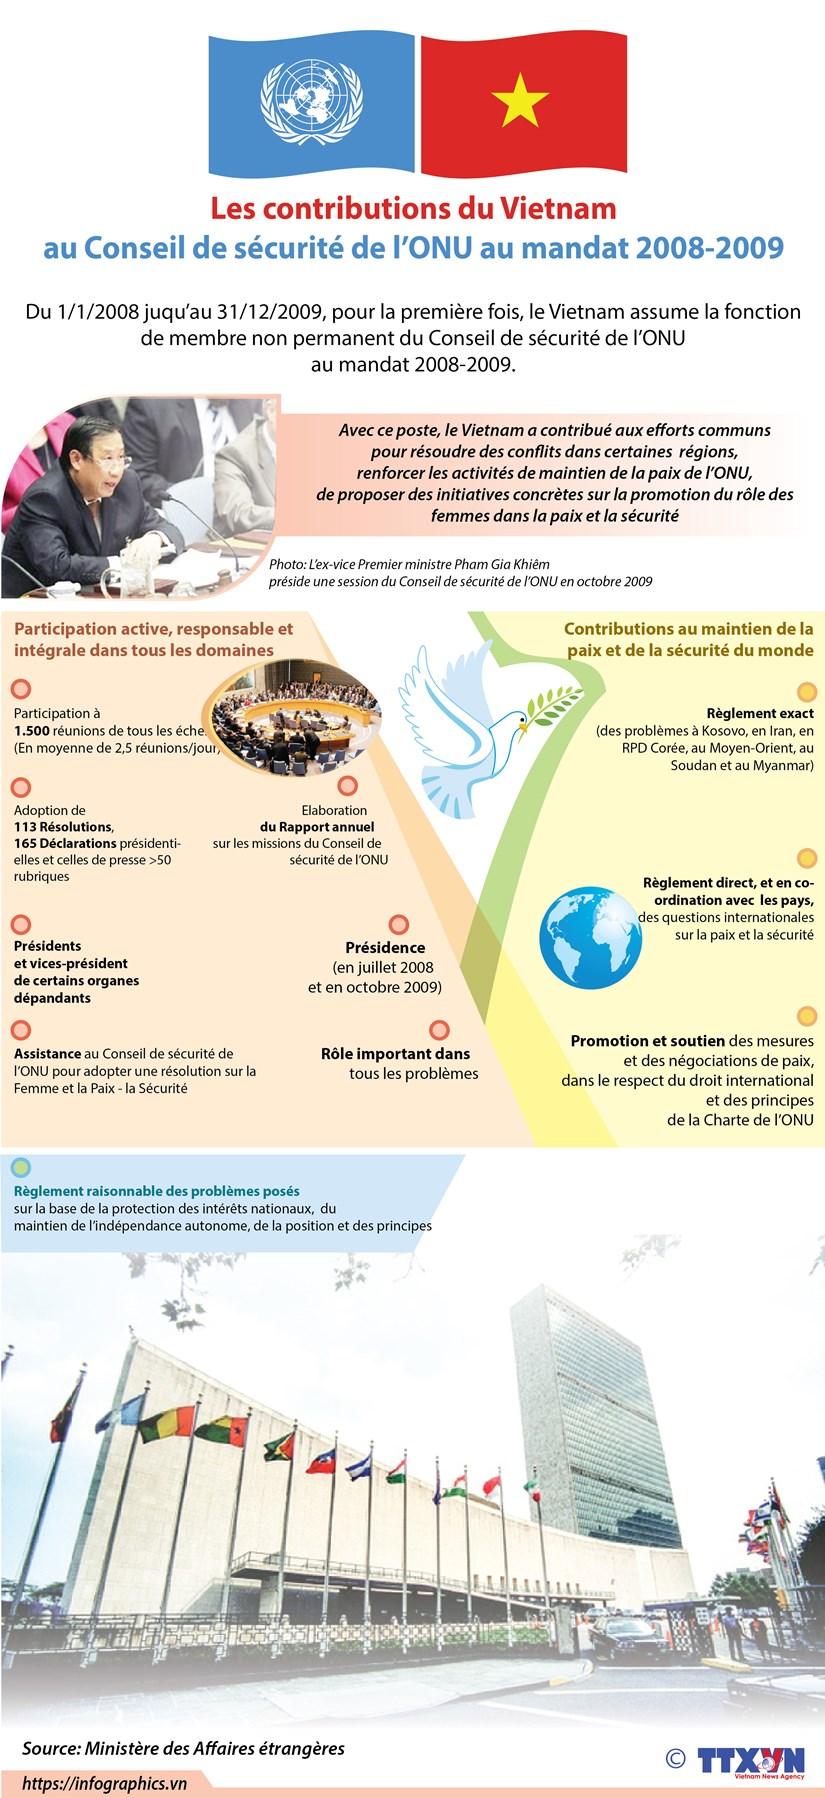 Les contributions vietnamiennes au Conseil de securite de l'ONU au mandat 2008-2009 hinh anh 1